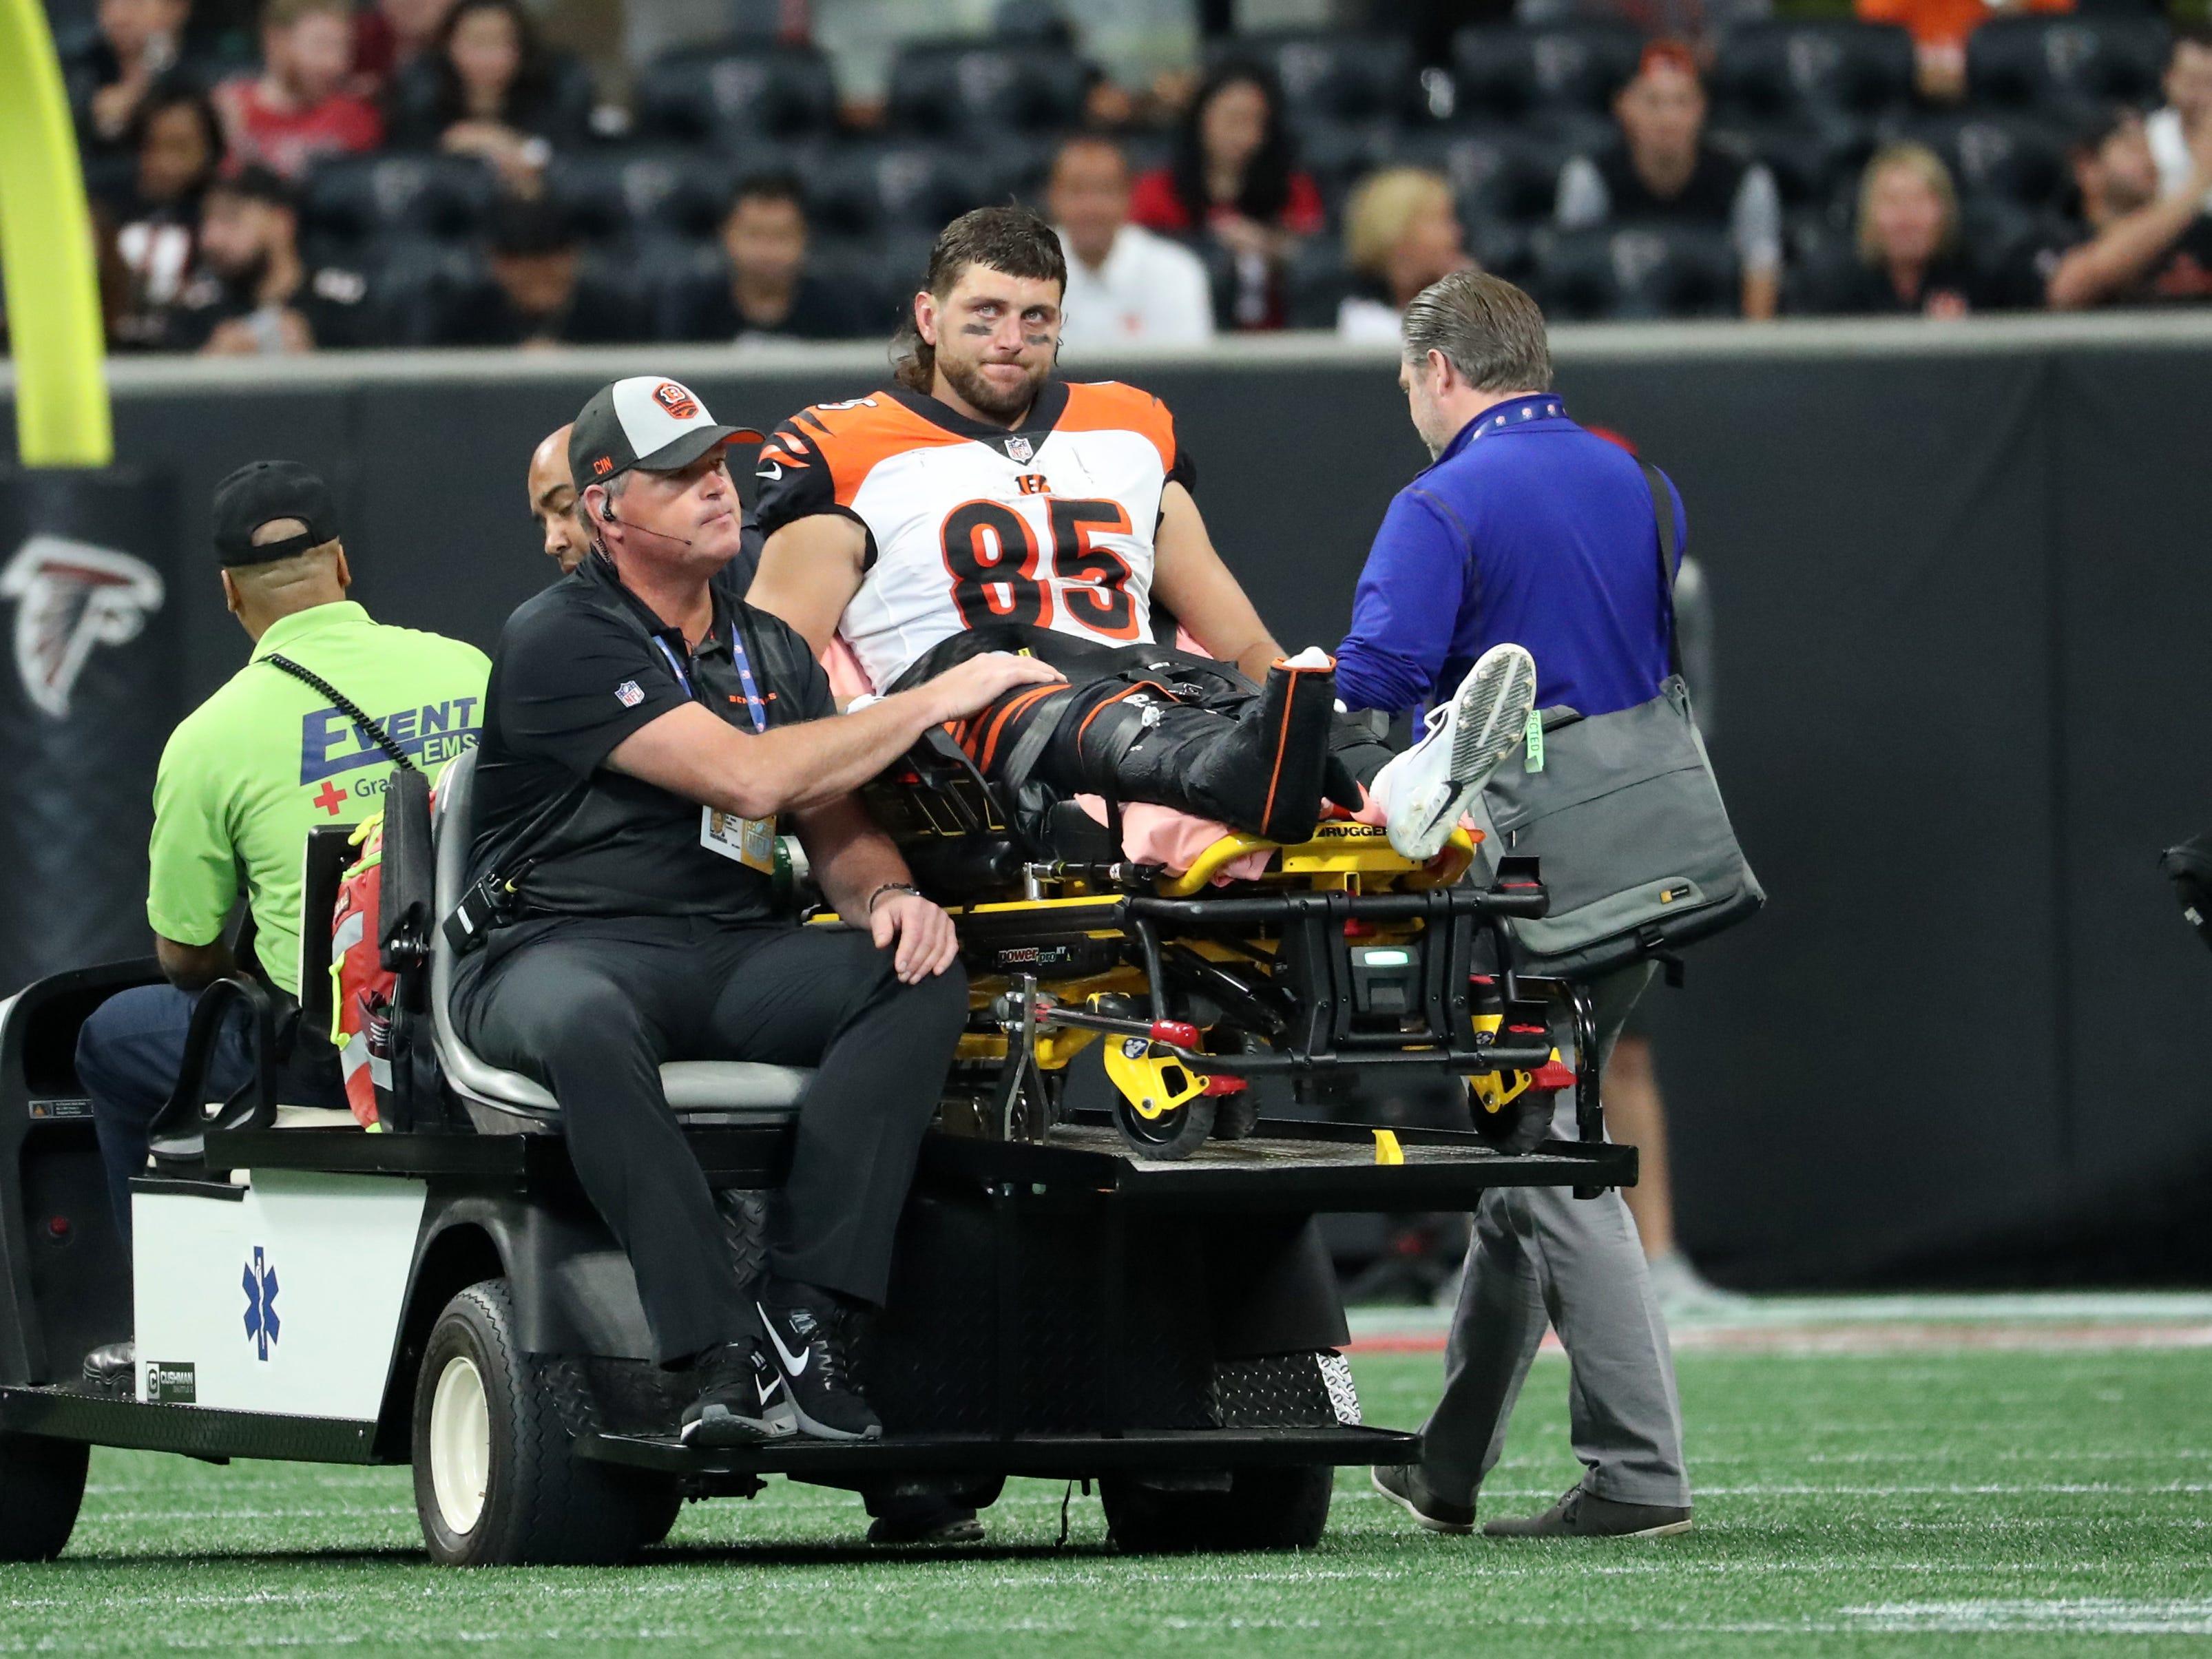 Tyler Eifert, TE, Cincinnati Bengals (broken ankle, expected to miss rest of season)